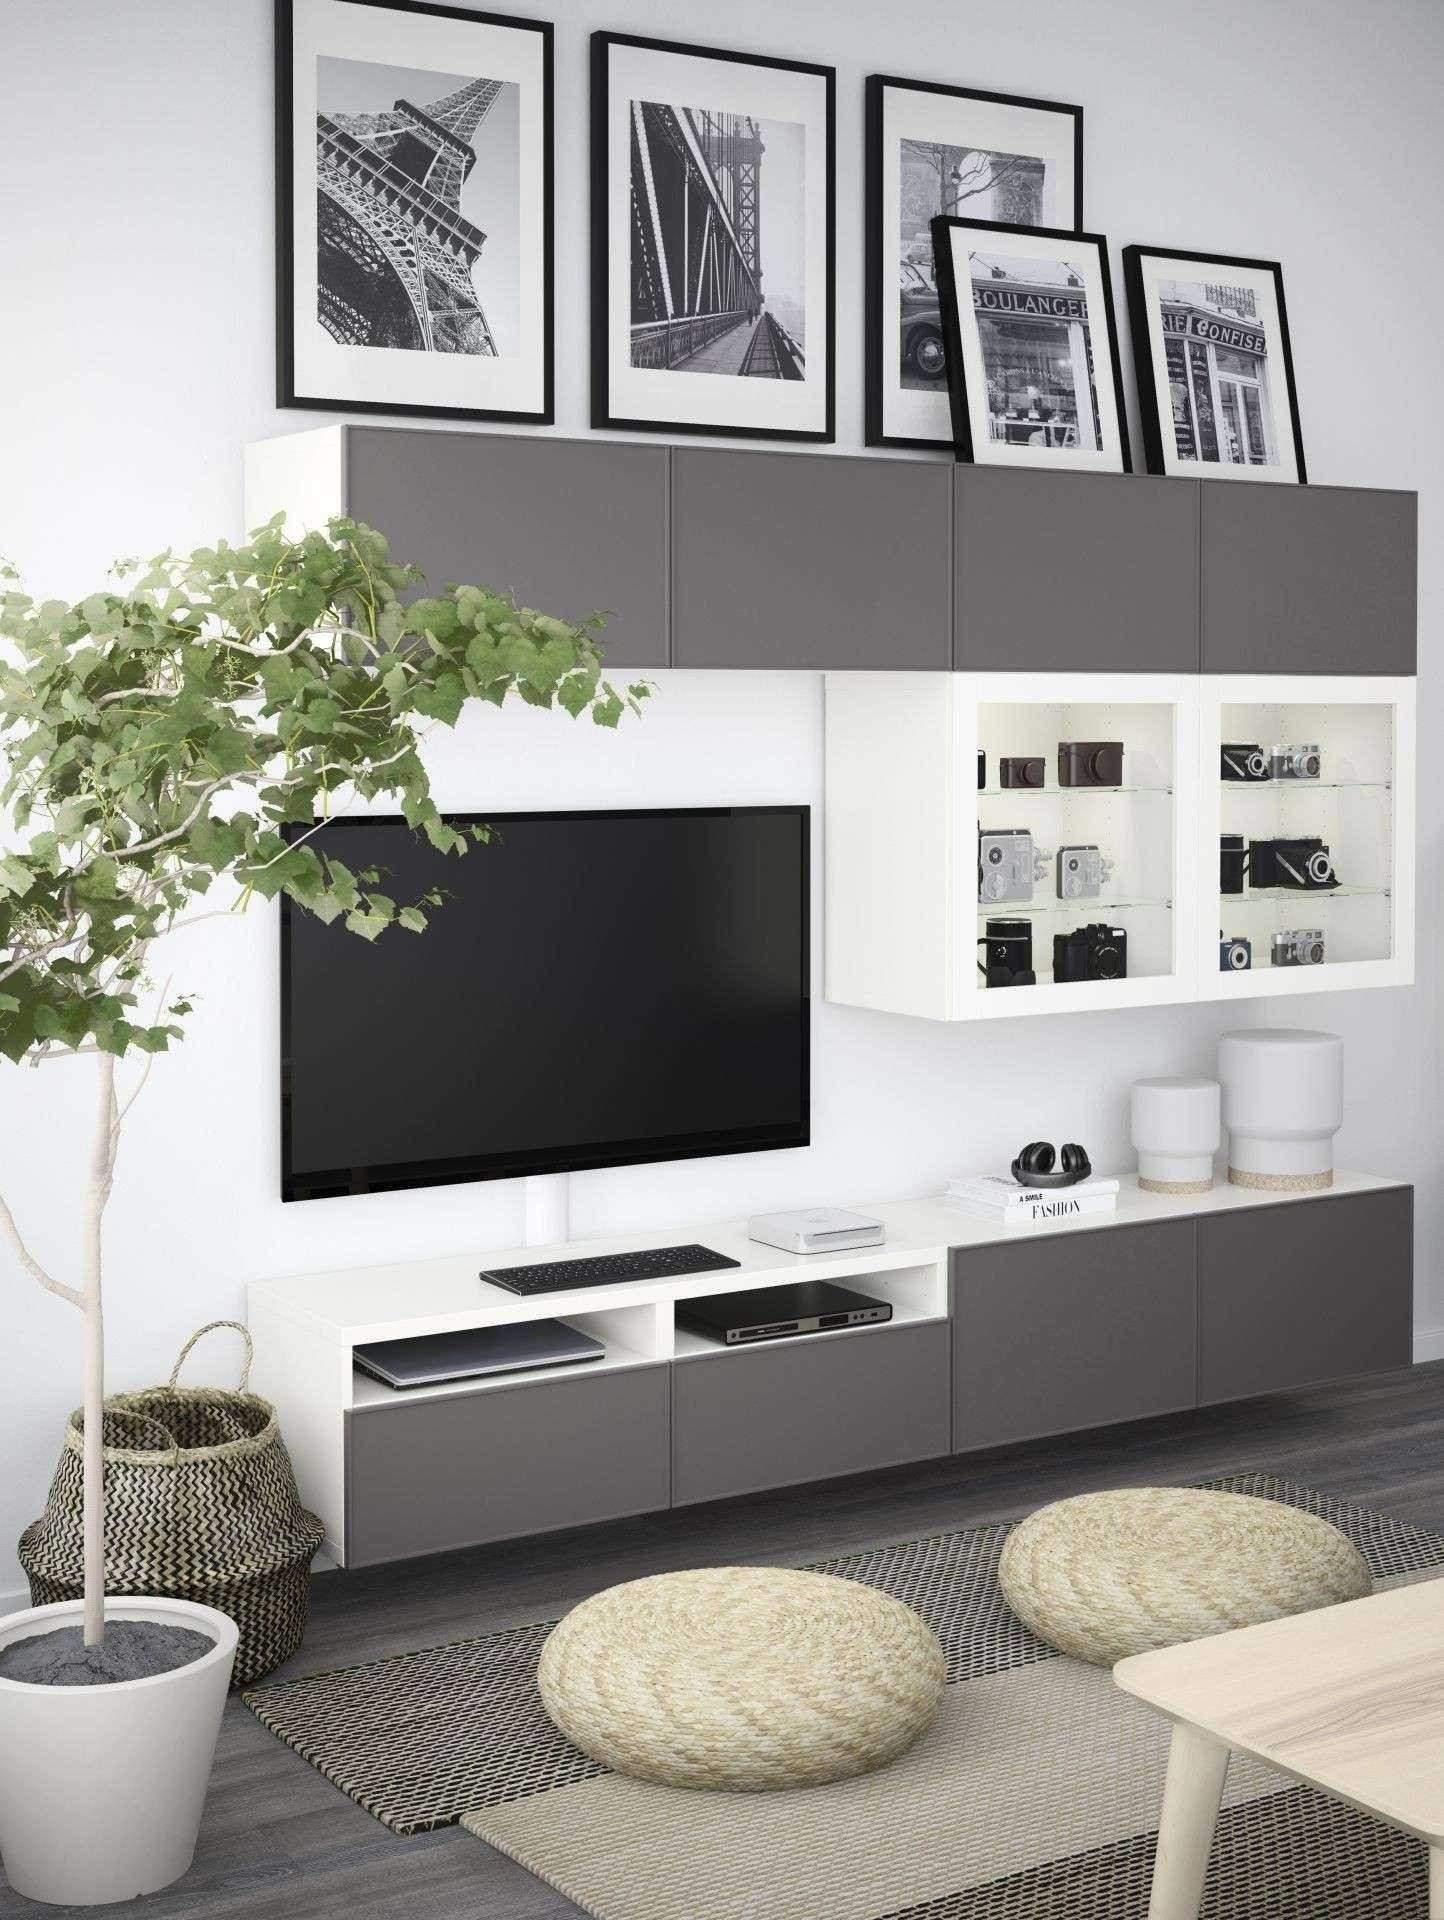 Full Size of Relaxliege Wohnzimmer Ikea 28 Schn Wandbilder Genial Frisch Bilder Modern Decken Moderne Deckenleuchte Wohnwand Stehlampen Stehlampe Großes Bild Liege Wohnzimmer Relaxliege Wohnzimmer Ikea